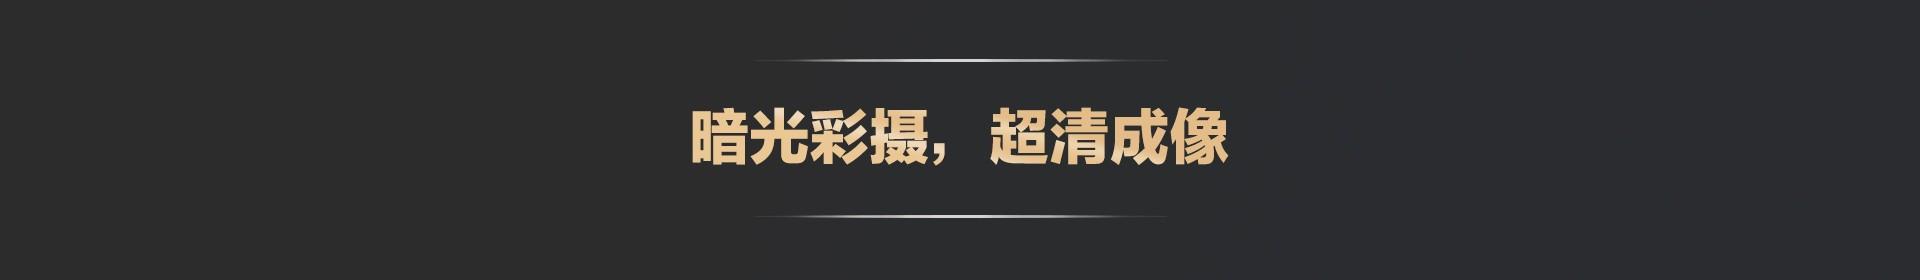 C3X-web_03.jpg